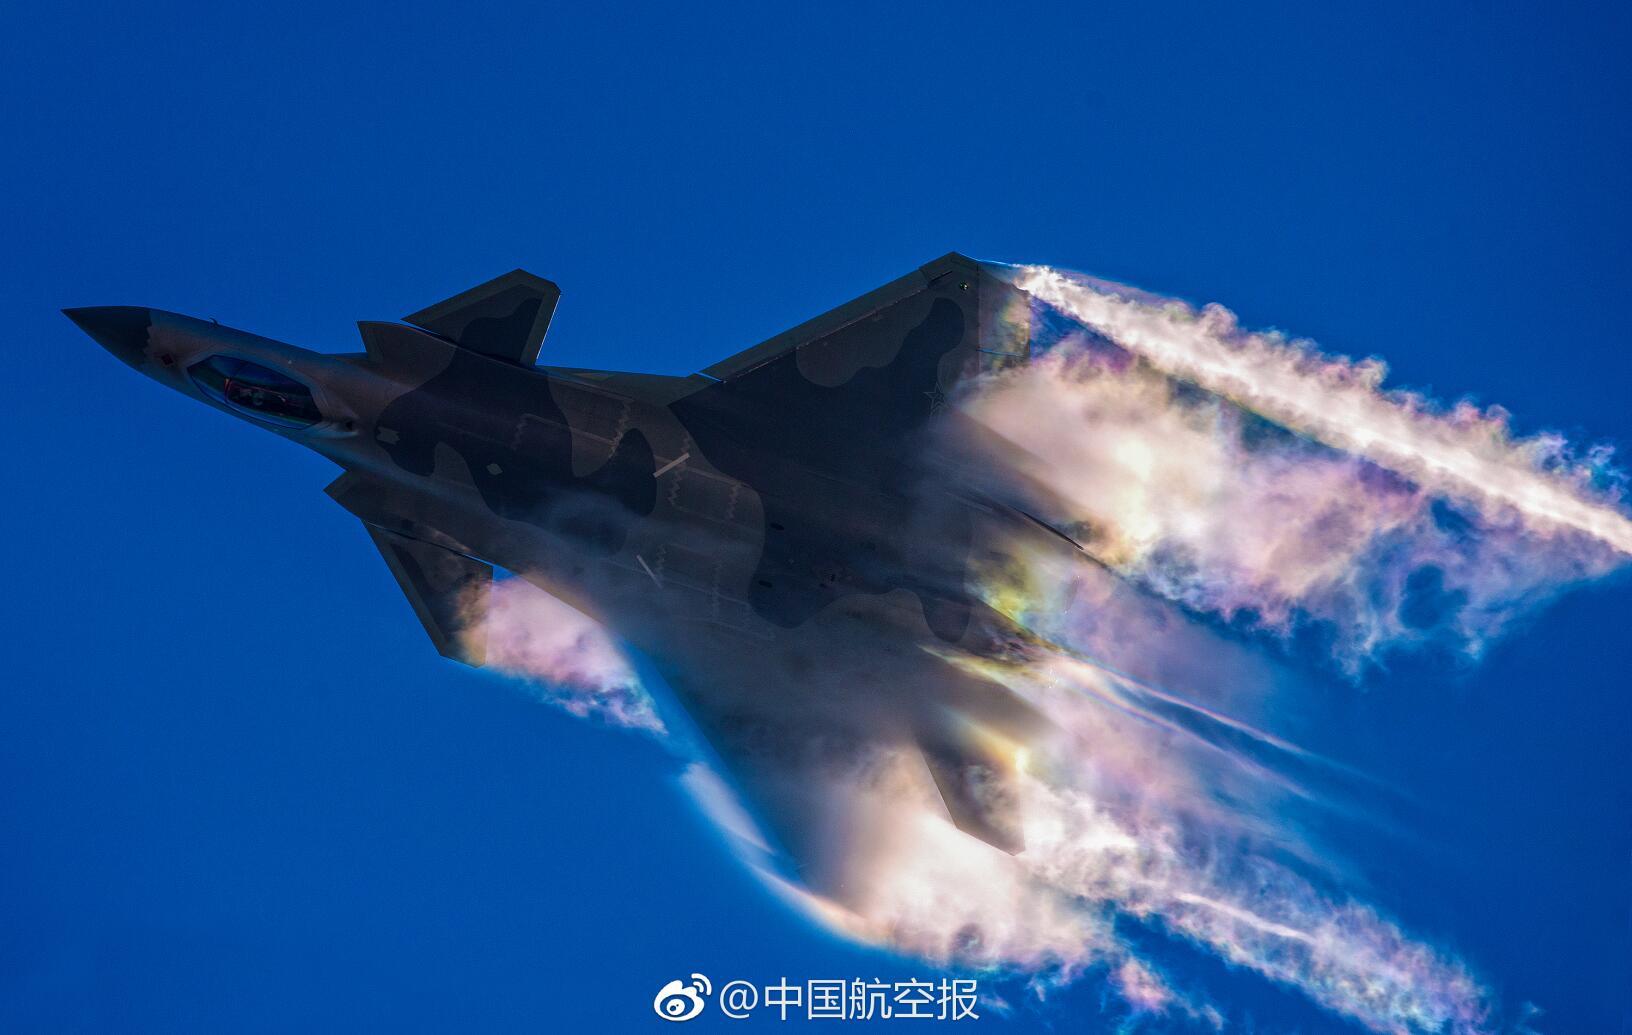 矢量发动机全面提升机动性 哪种国产战机最适合装?